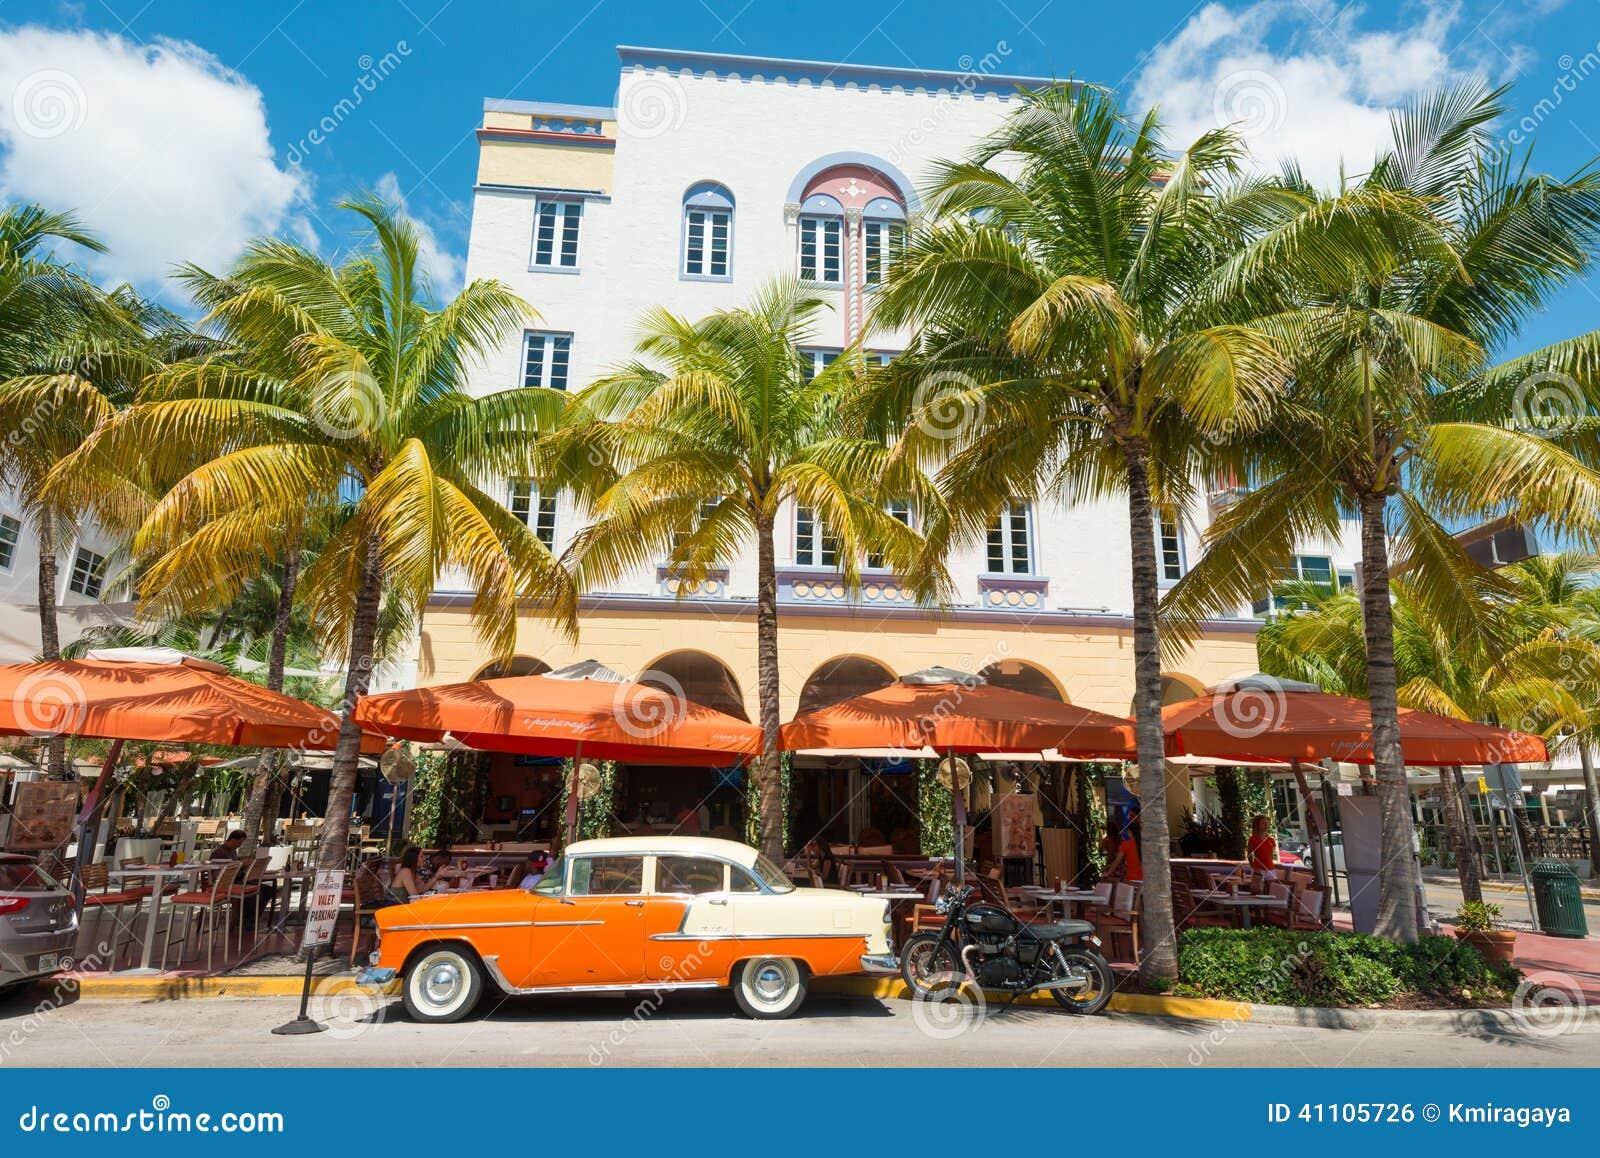 Drive Bar South Beach